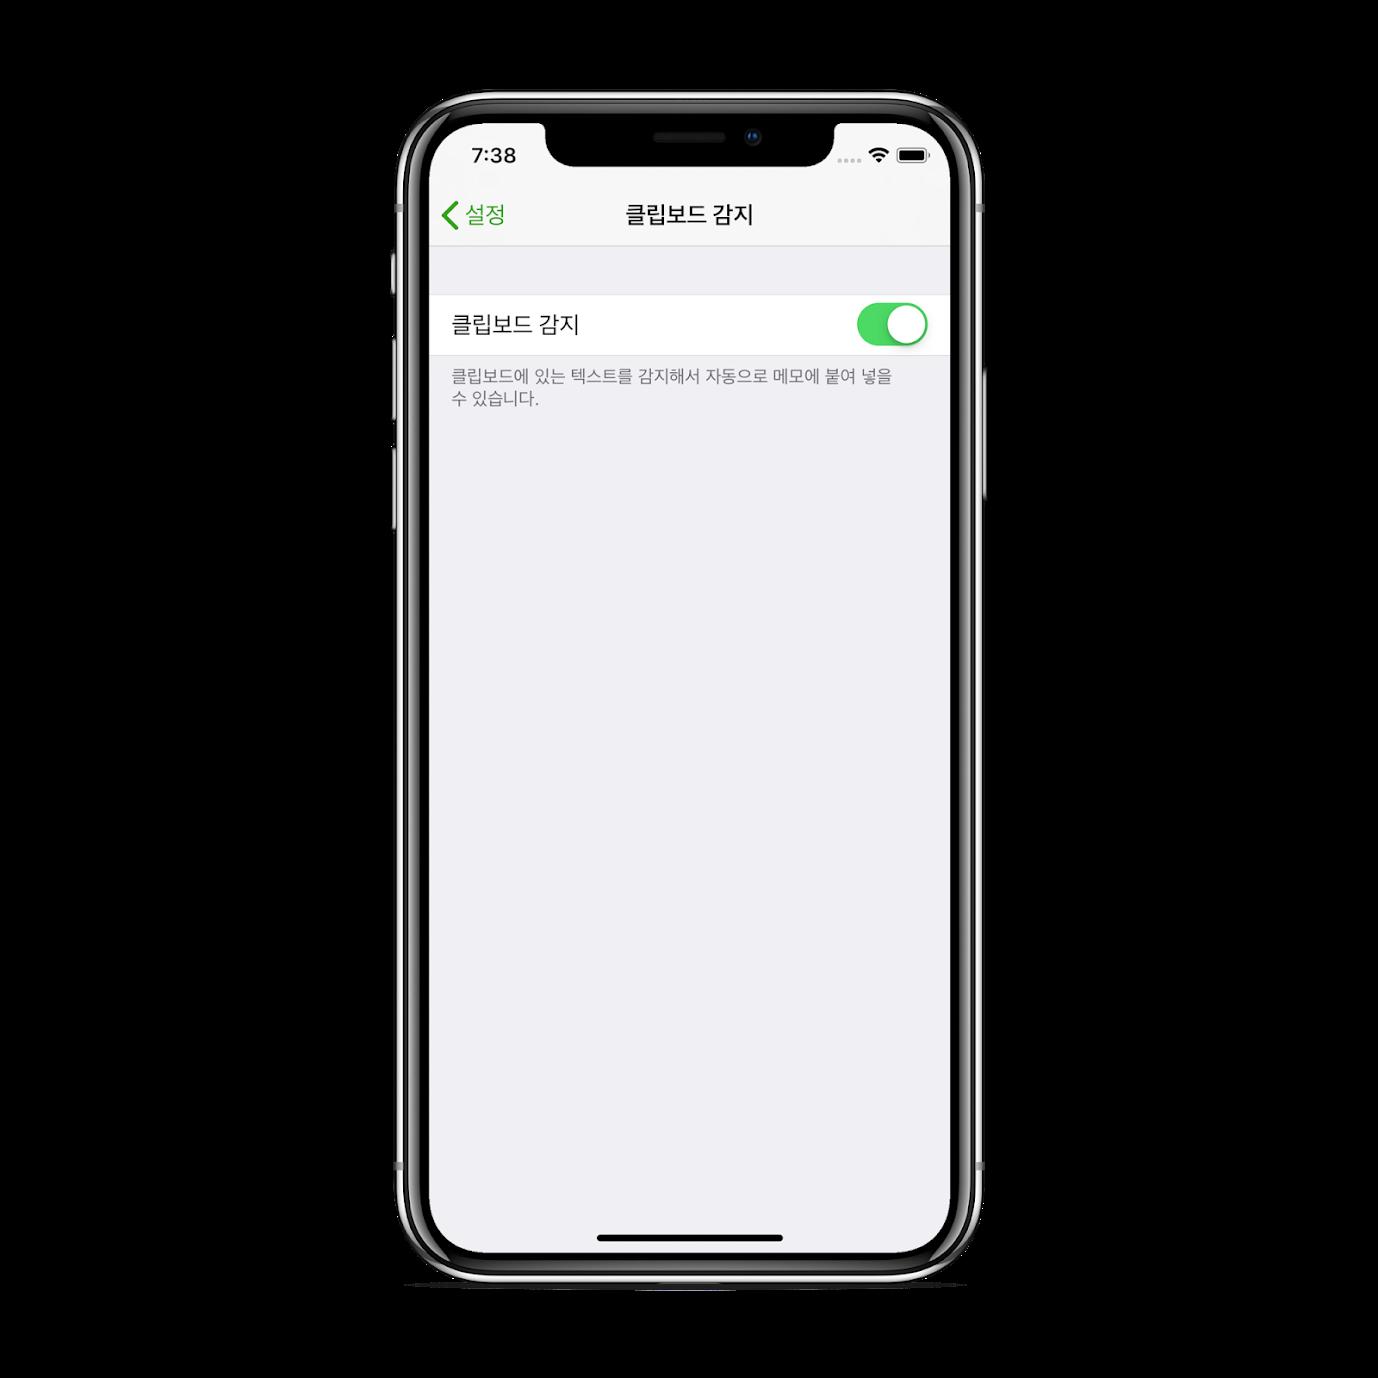 메모 추가시 클립보드의 텍스트 자동 감지 설정